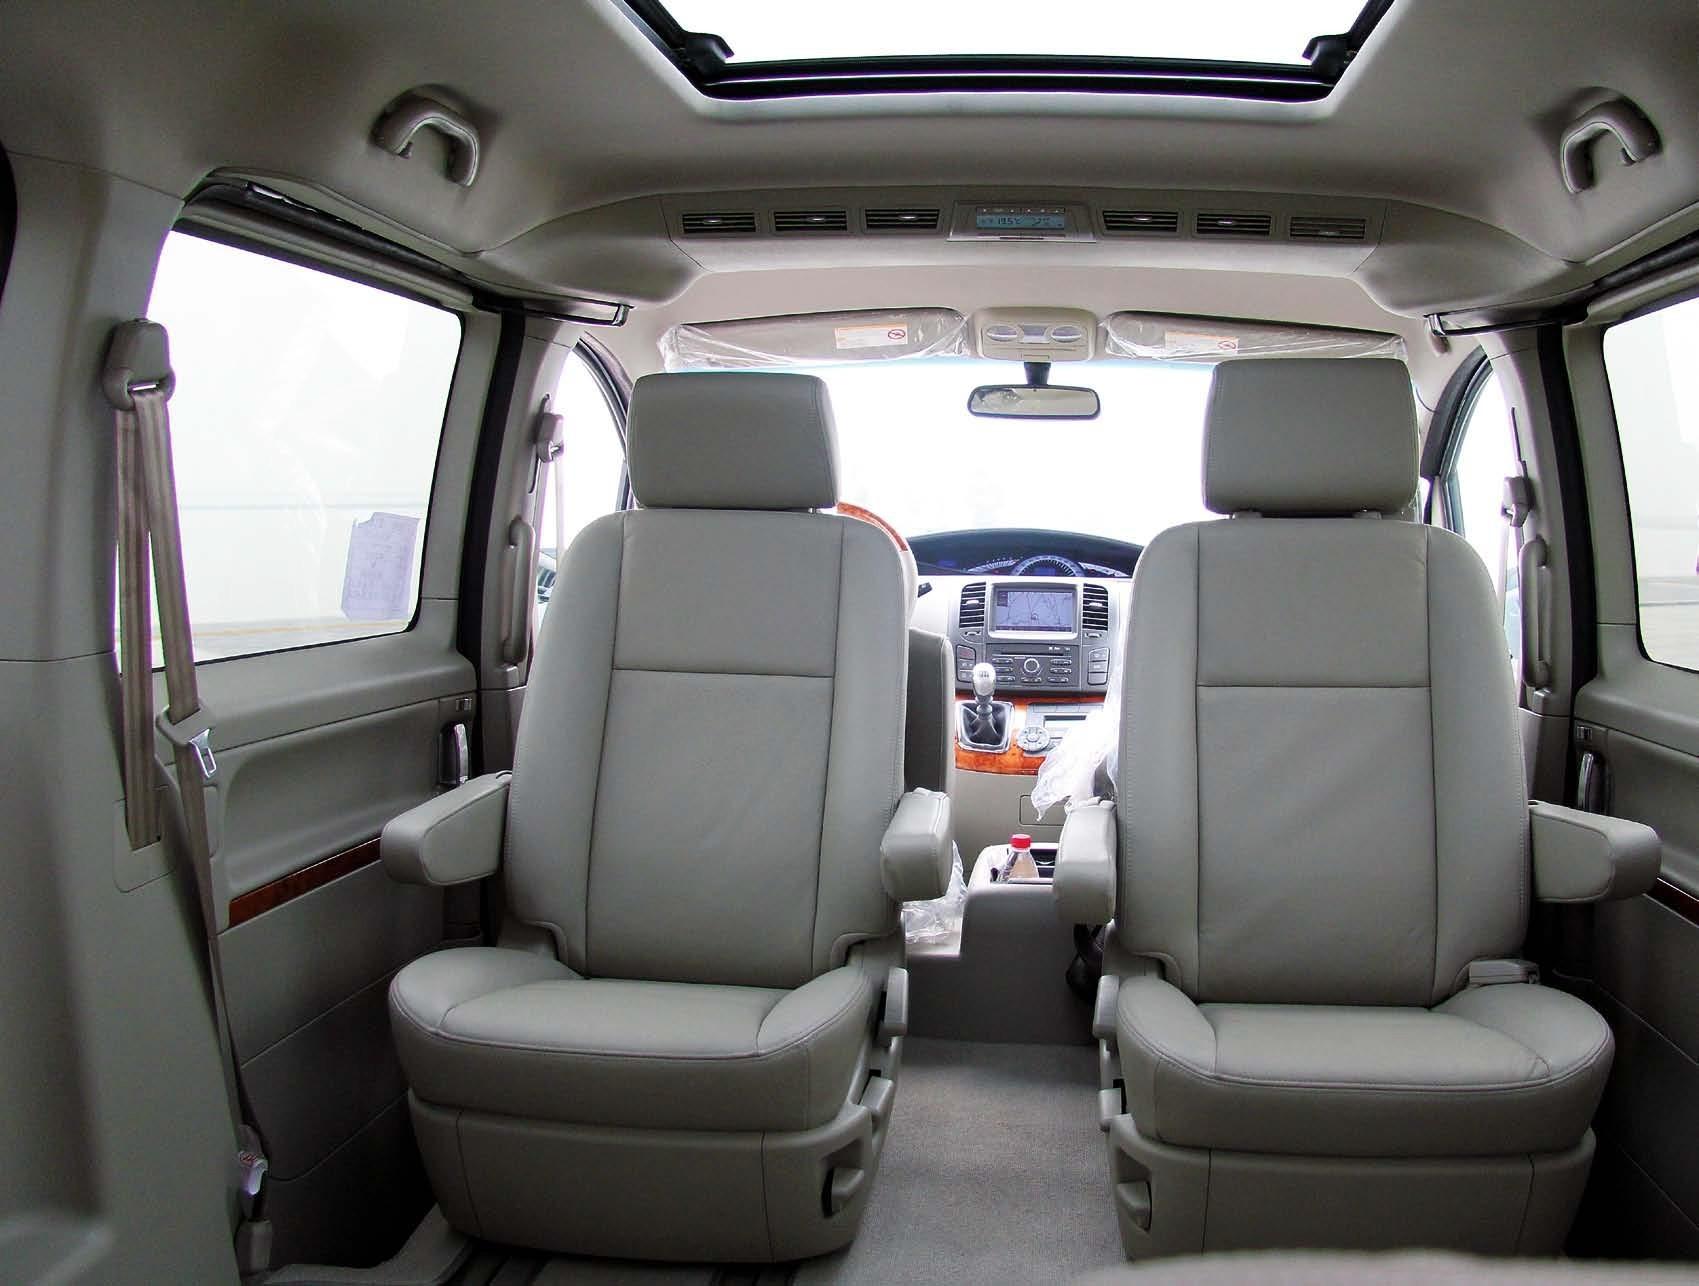 白底汽车座椅图-和风顺畅 试驾MPV商务车江淮瑞风II和畅 新闻中心 易